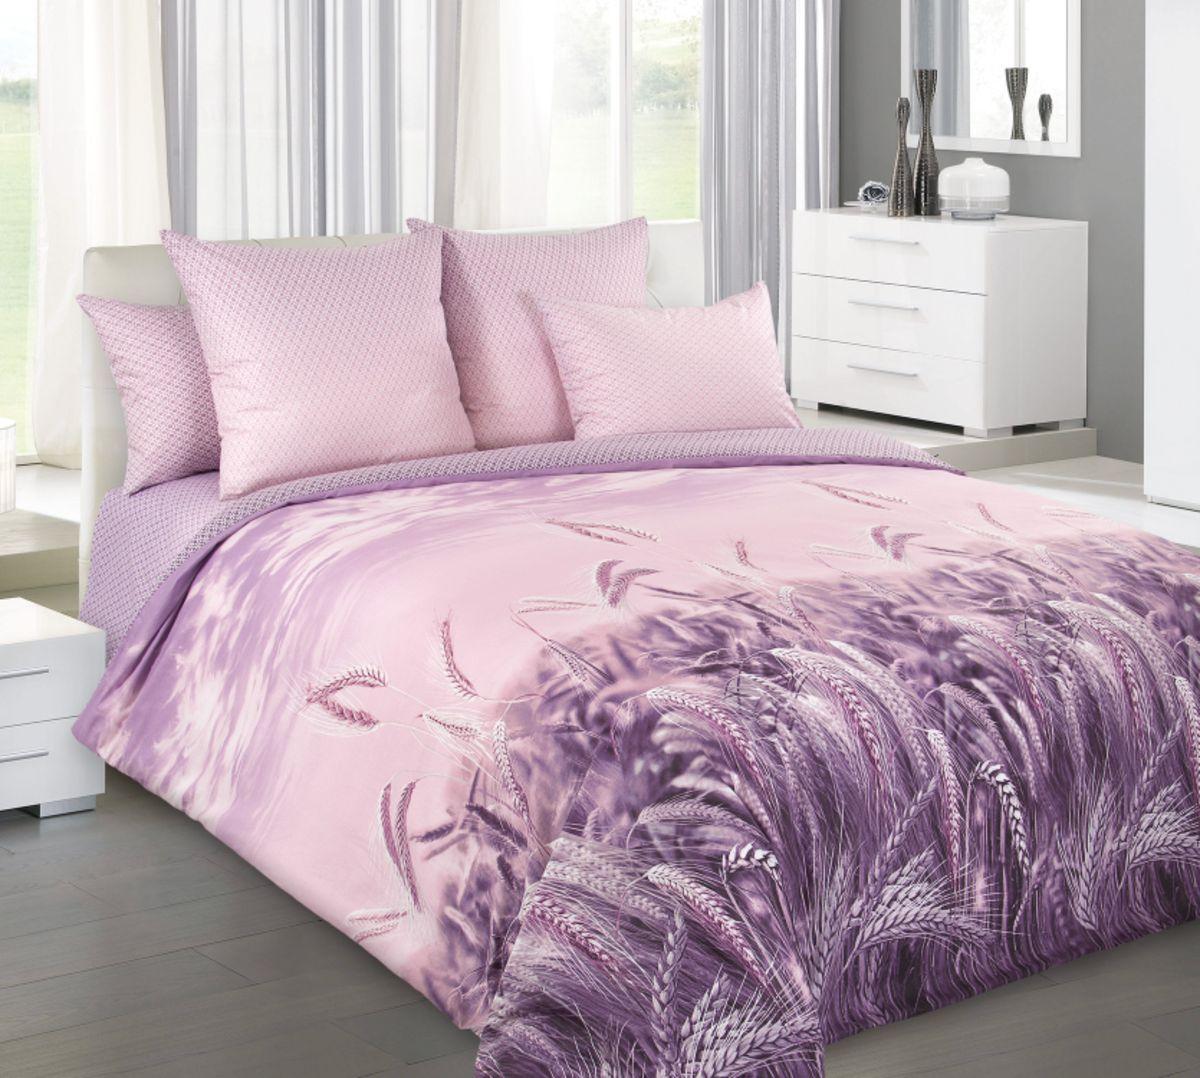 Комплект постельного белья Евростандарт, перкаль (Утренние лучи, розовый)